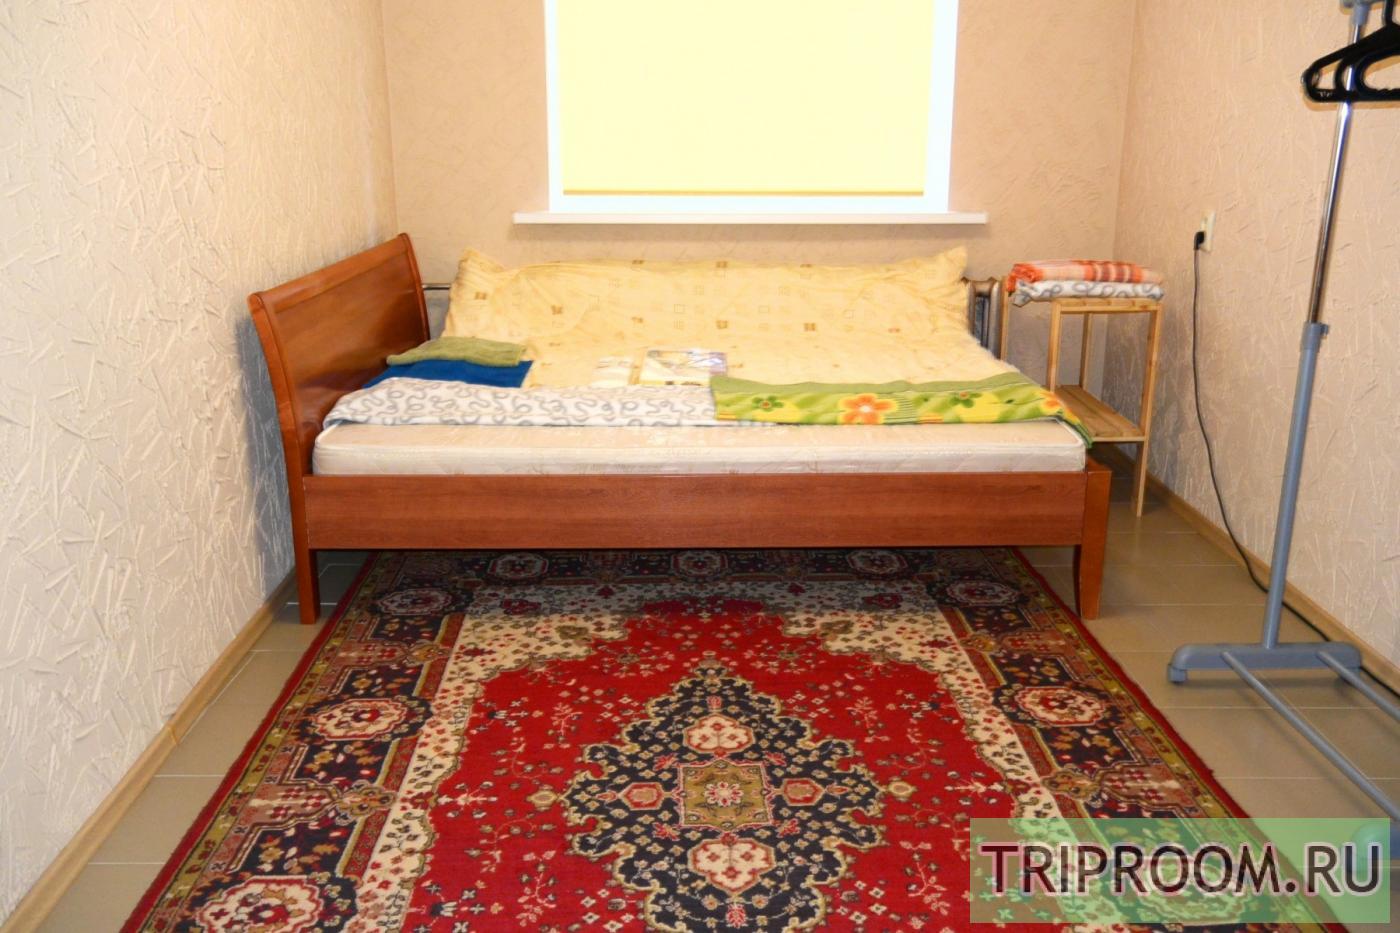 2-комнатная квартира посуточно (вариант № 7536), ул. Тракторная улица, фото № 3